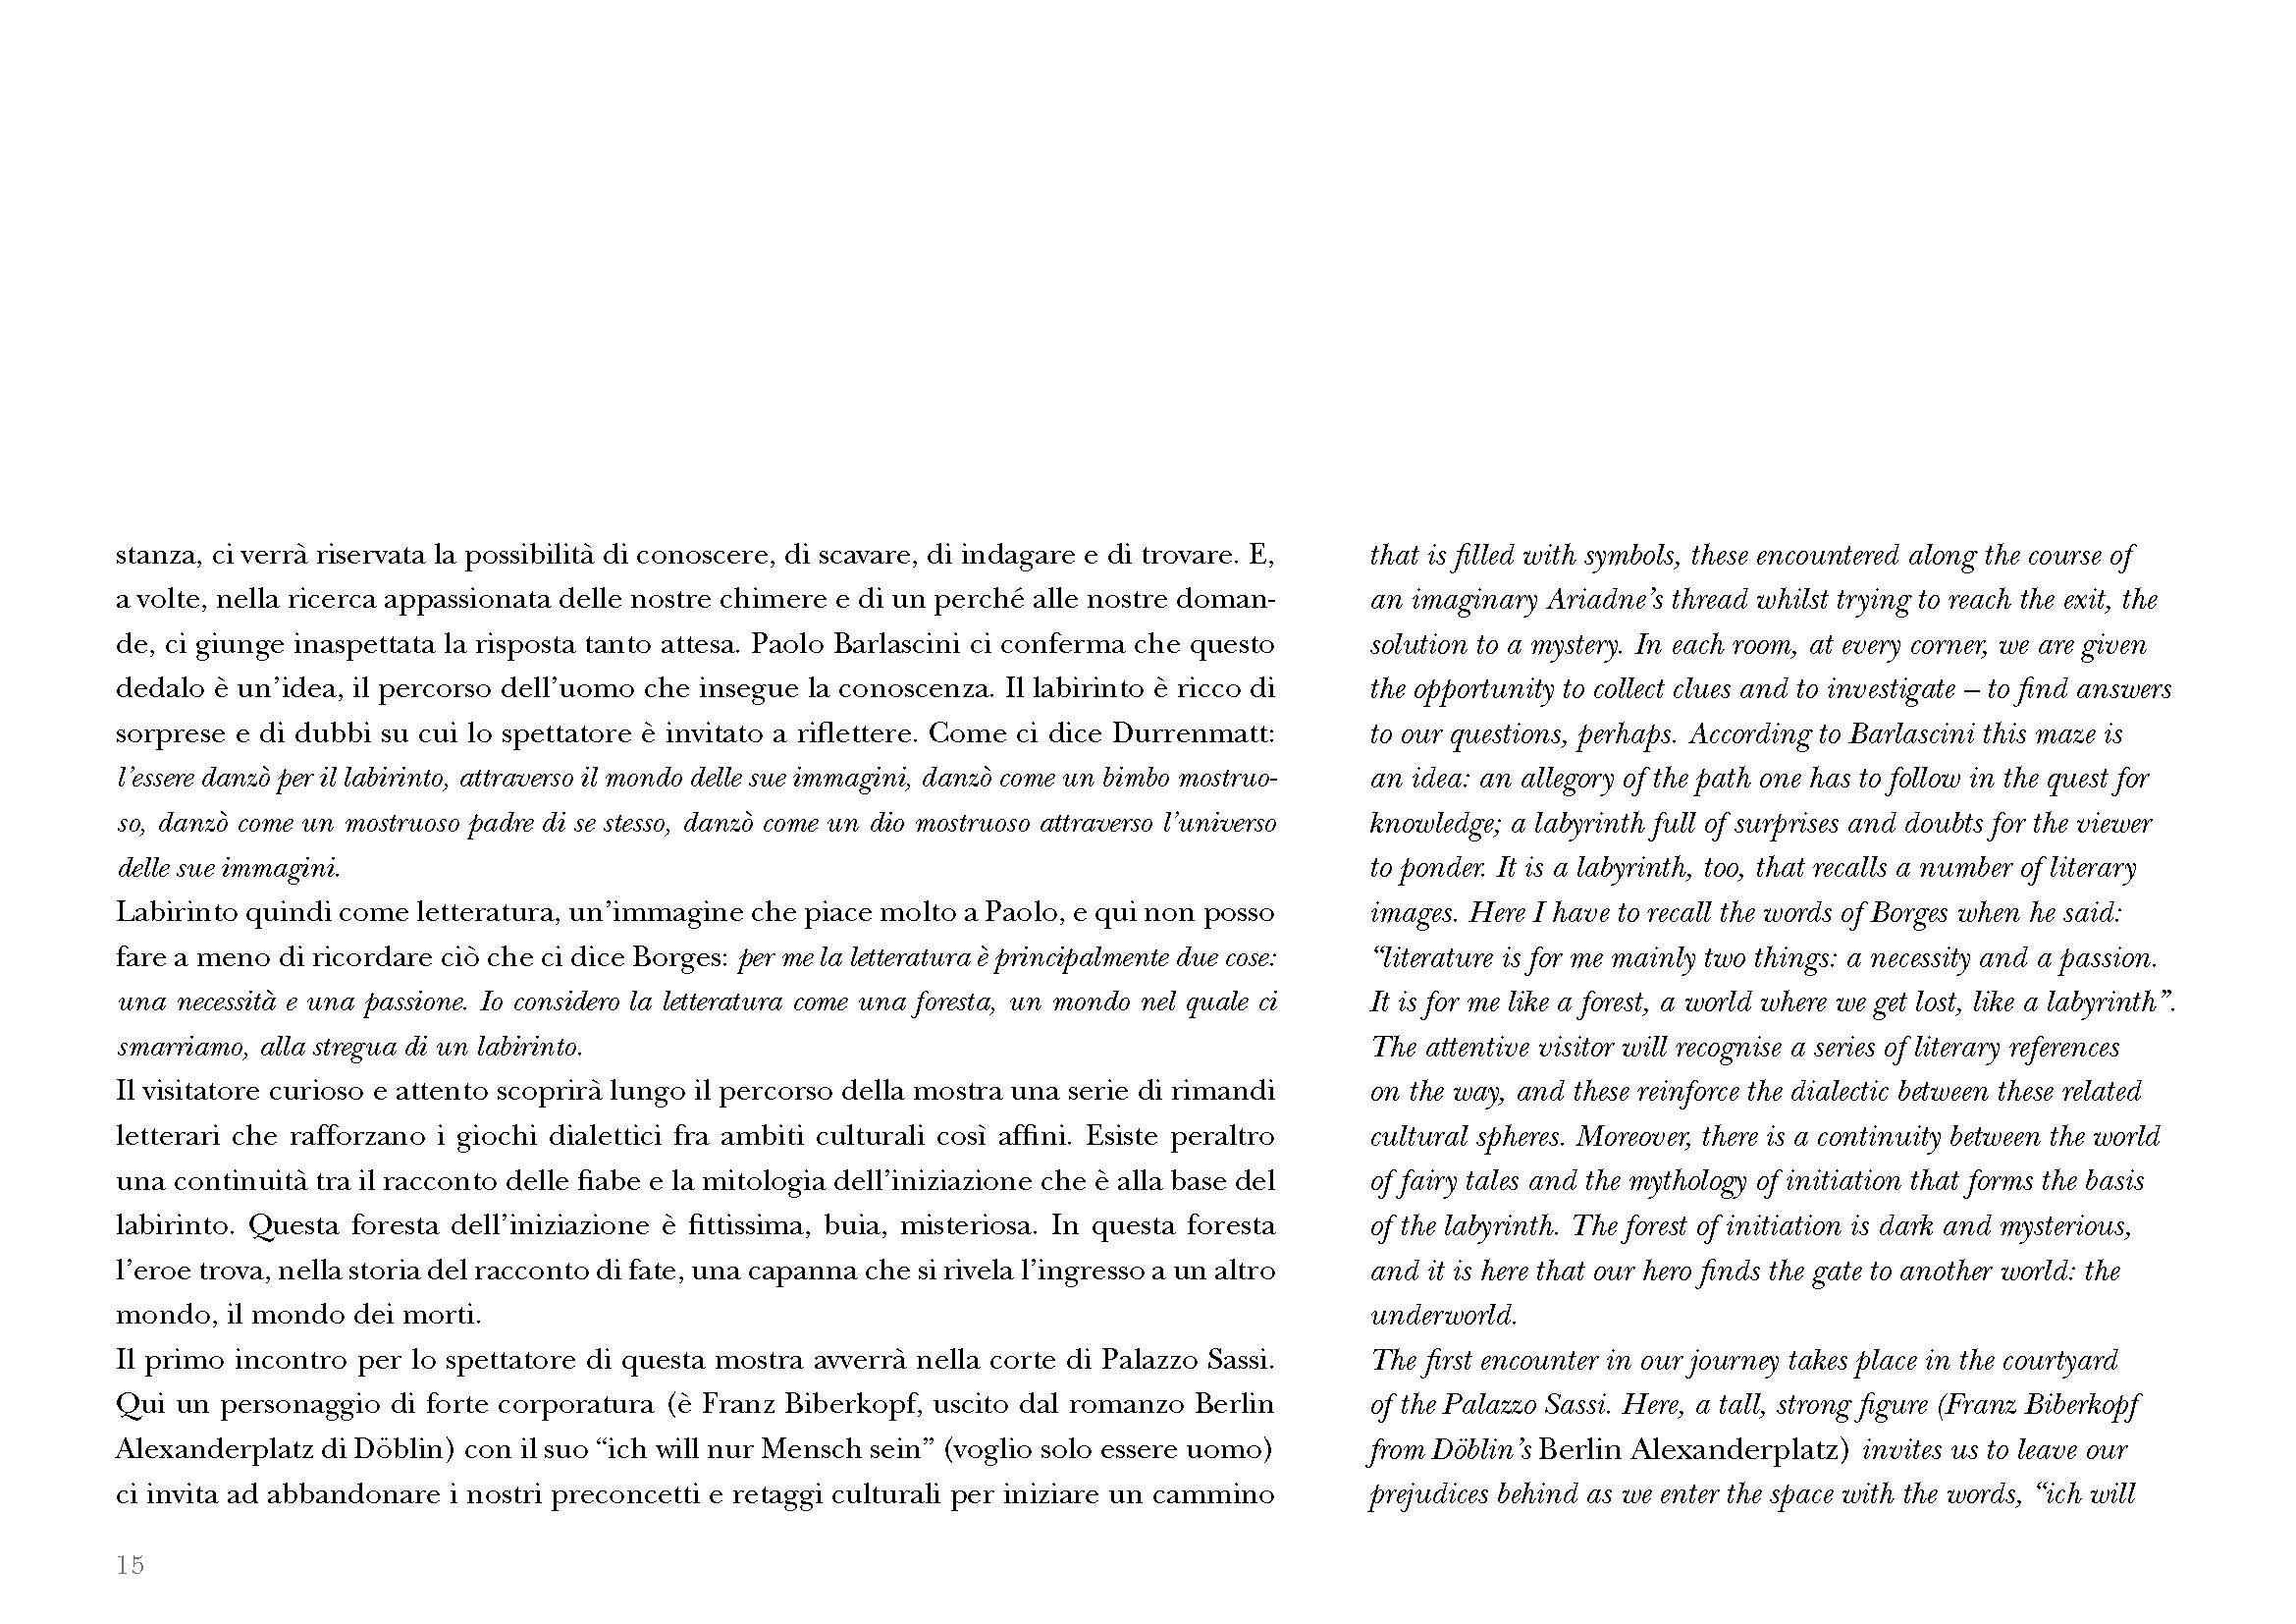 PB08-Assassinio_Page_15.jpg